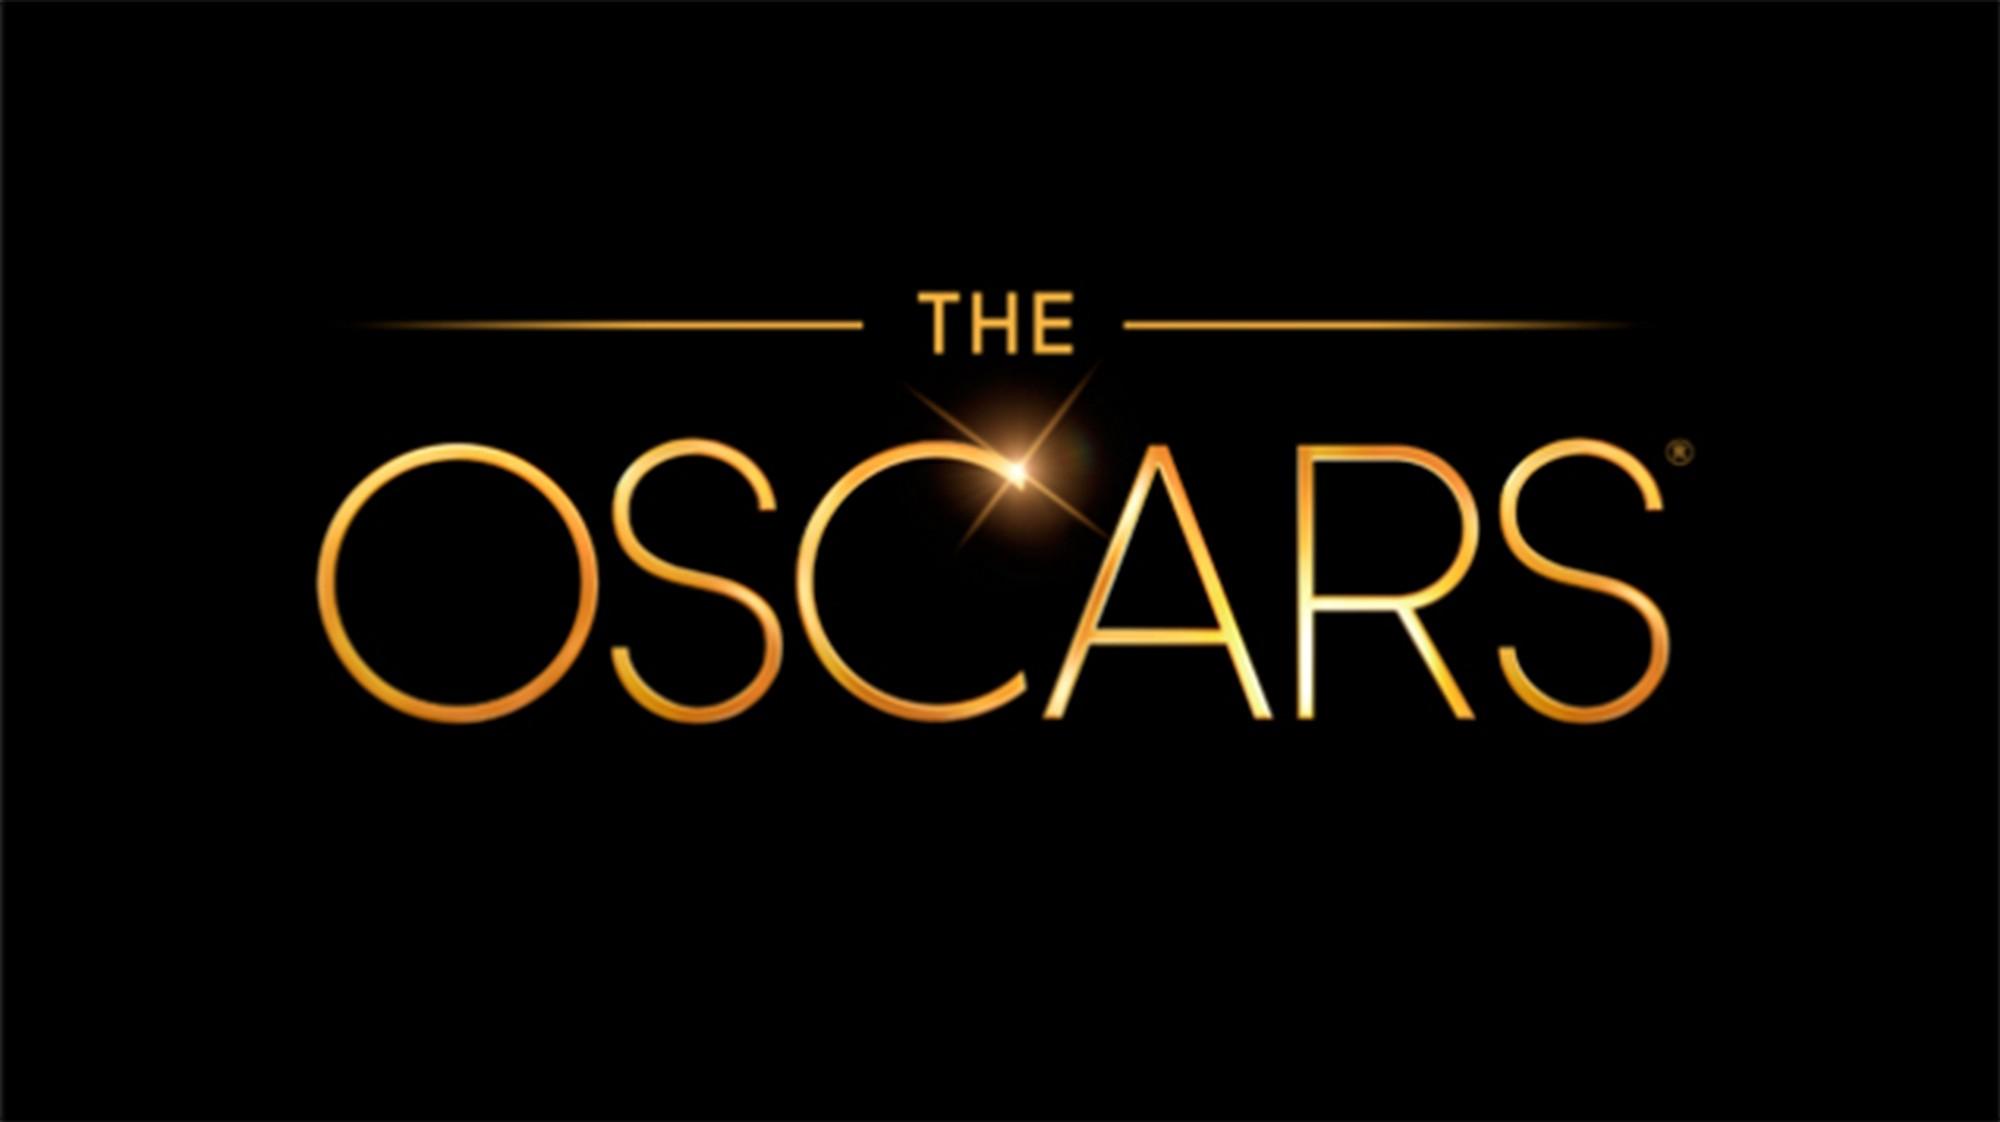 The Oscars ロゴ